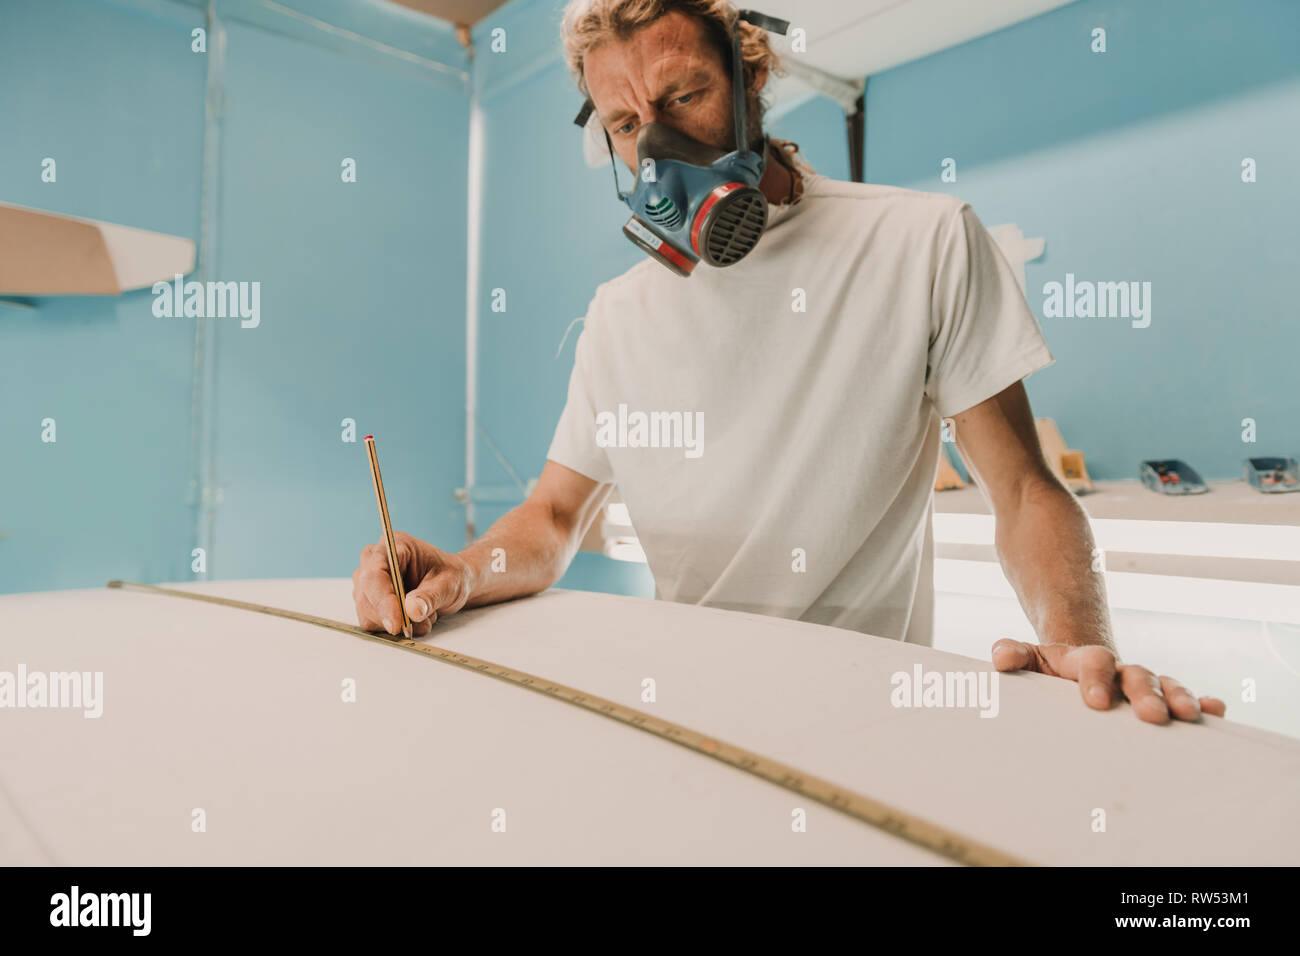 Mann in Atemschutzmaske messen Surf Board in der Werkstatt Stockbild